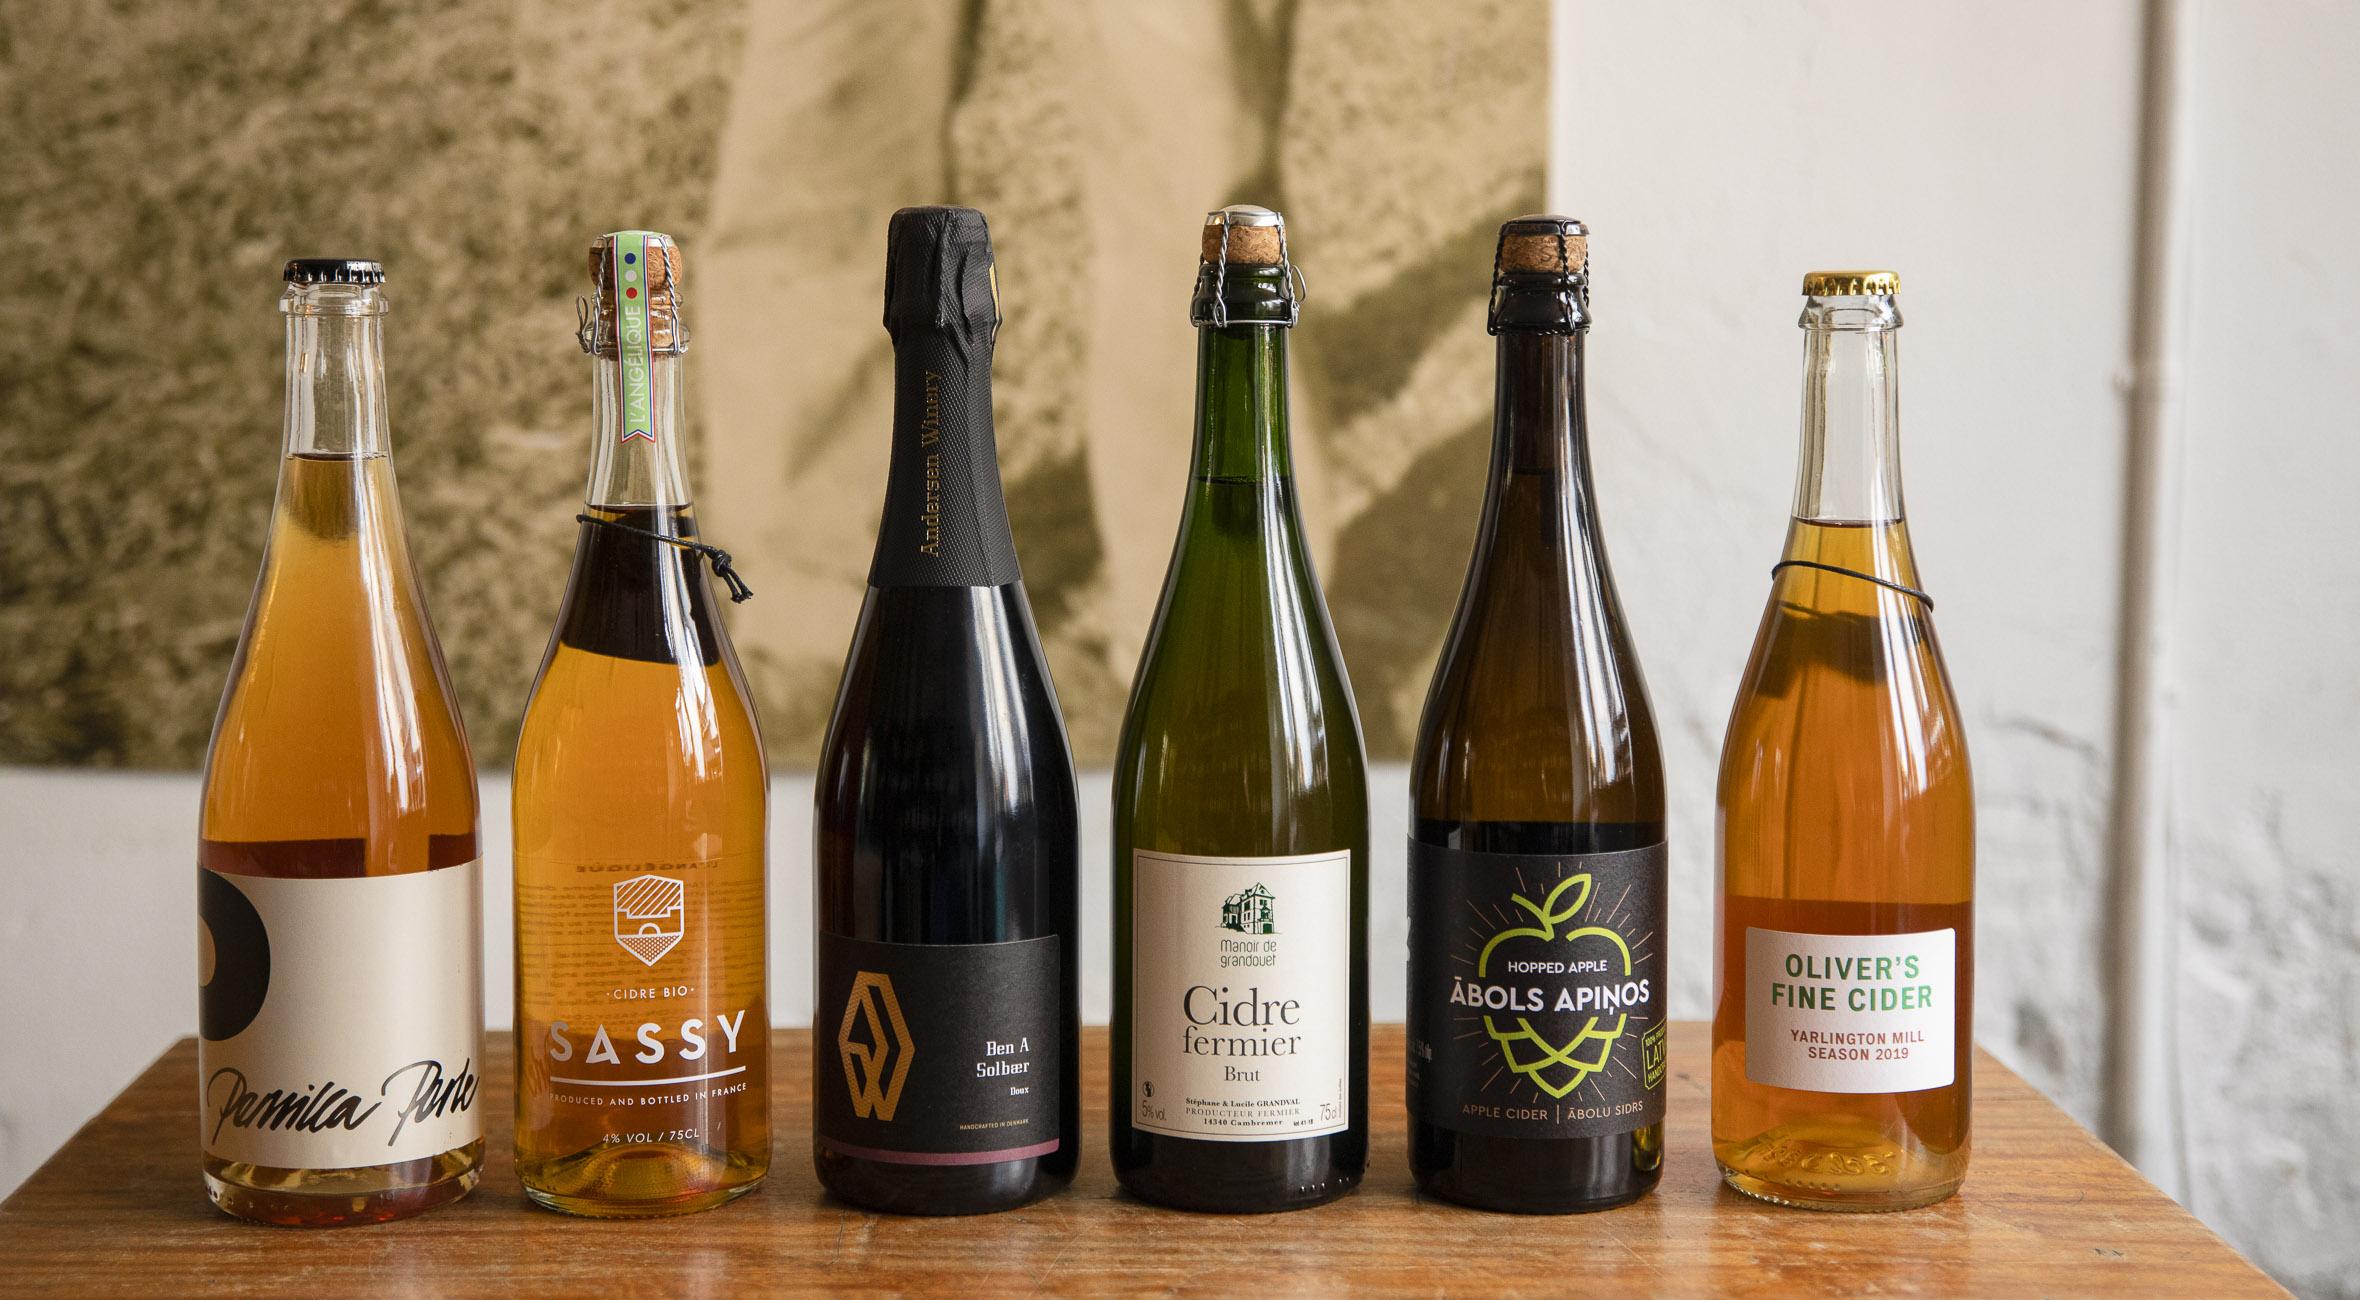 Frit valg til alt hos Holm Cider på Vesterbro – Kombineret ciderbar og butik byder på ét af verdens største udvalg af cider